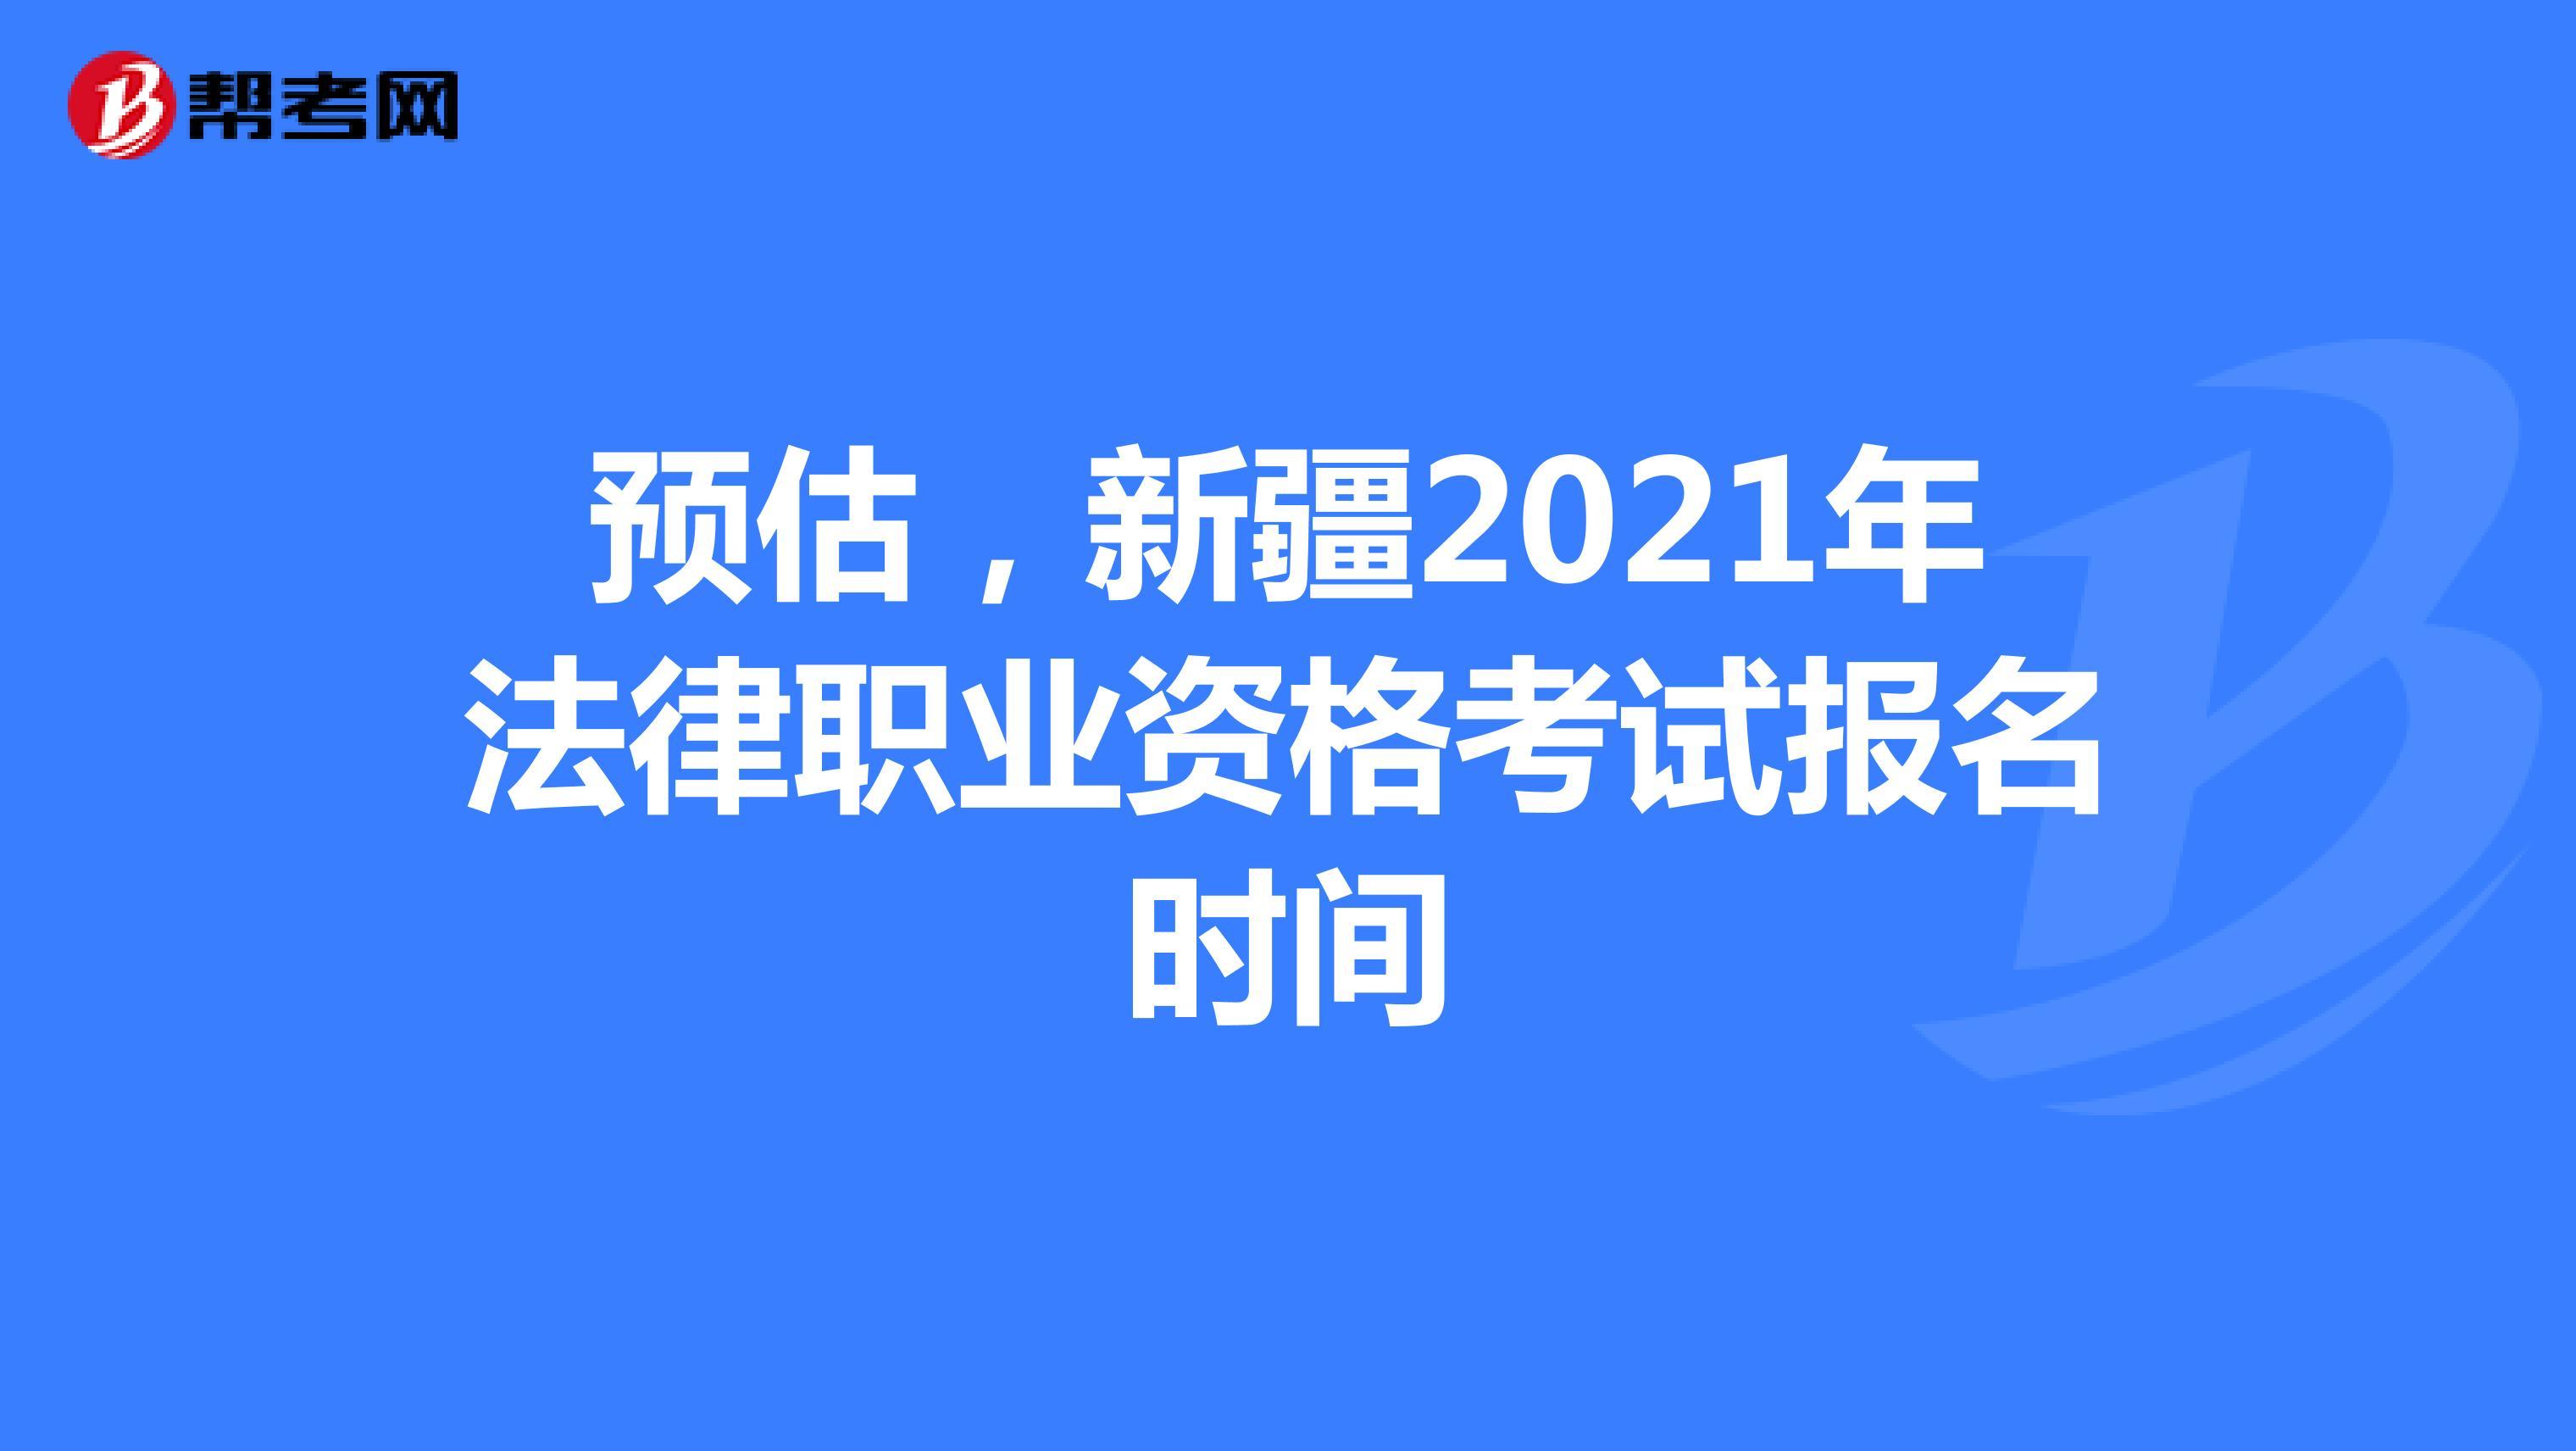 预估,新疆2021年法律职业资格考试报名时间